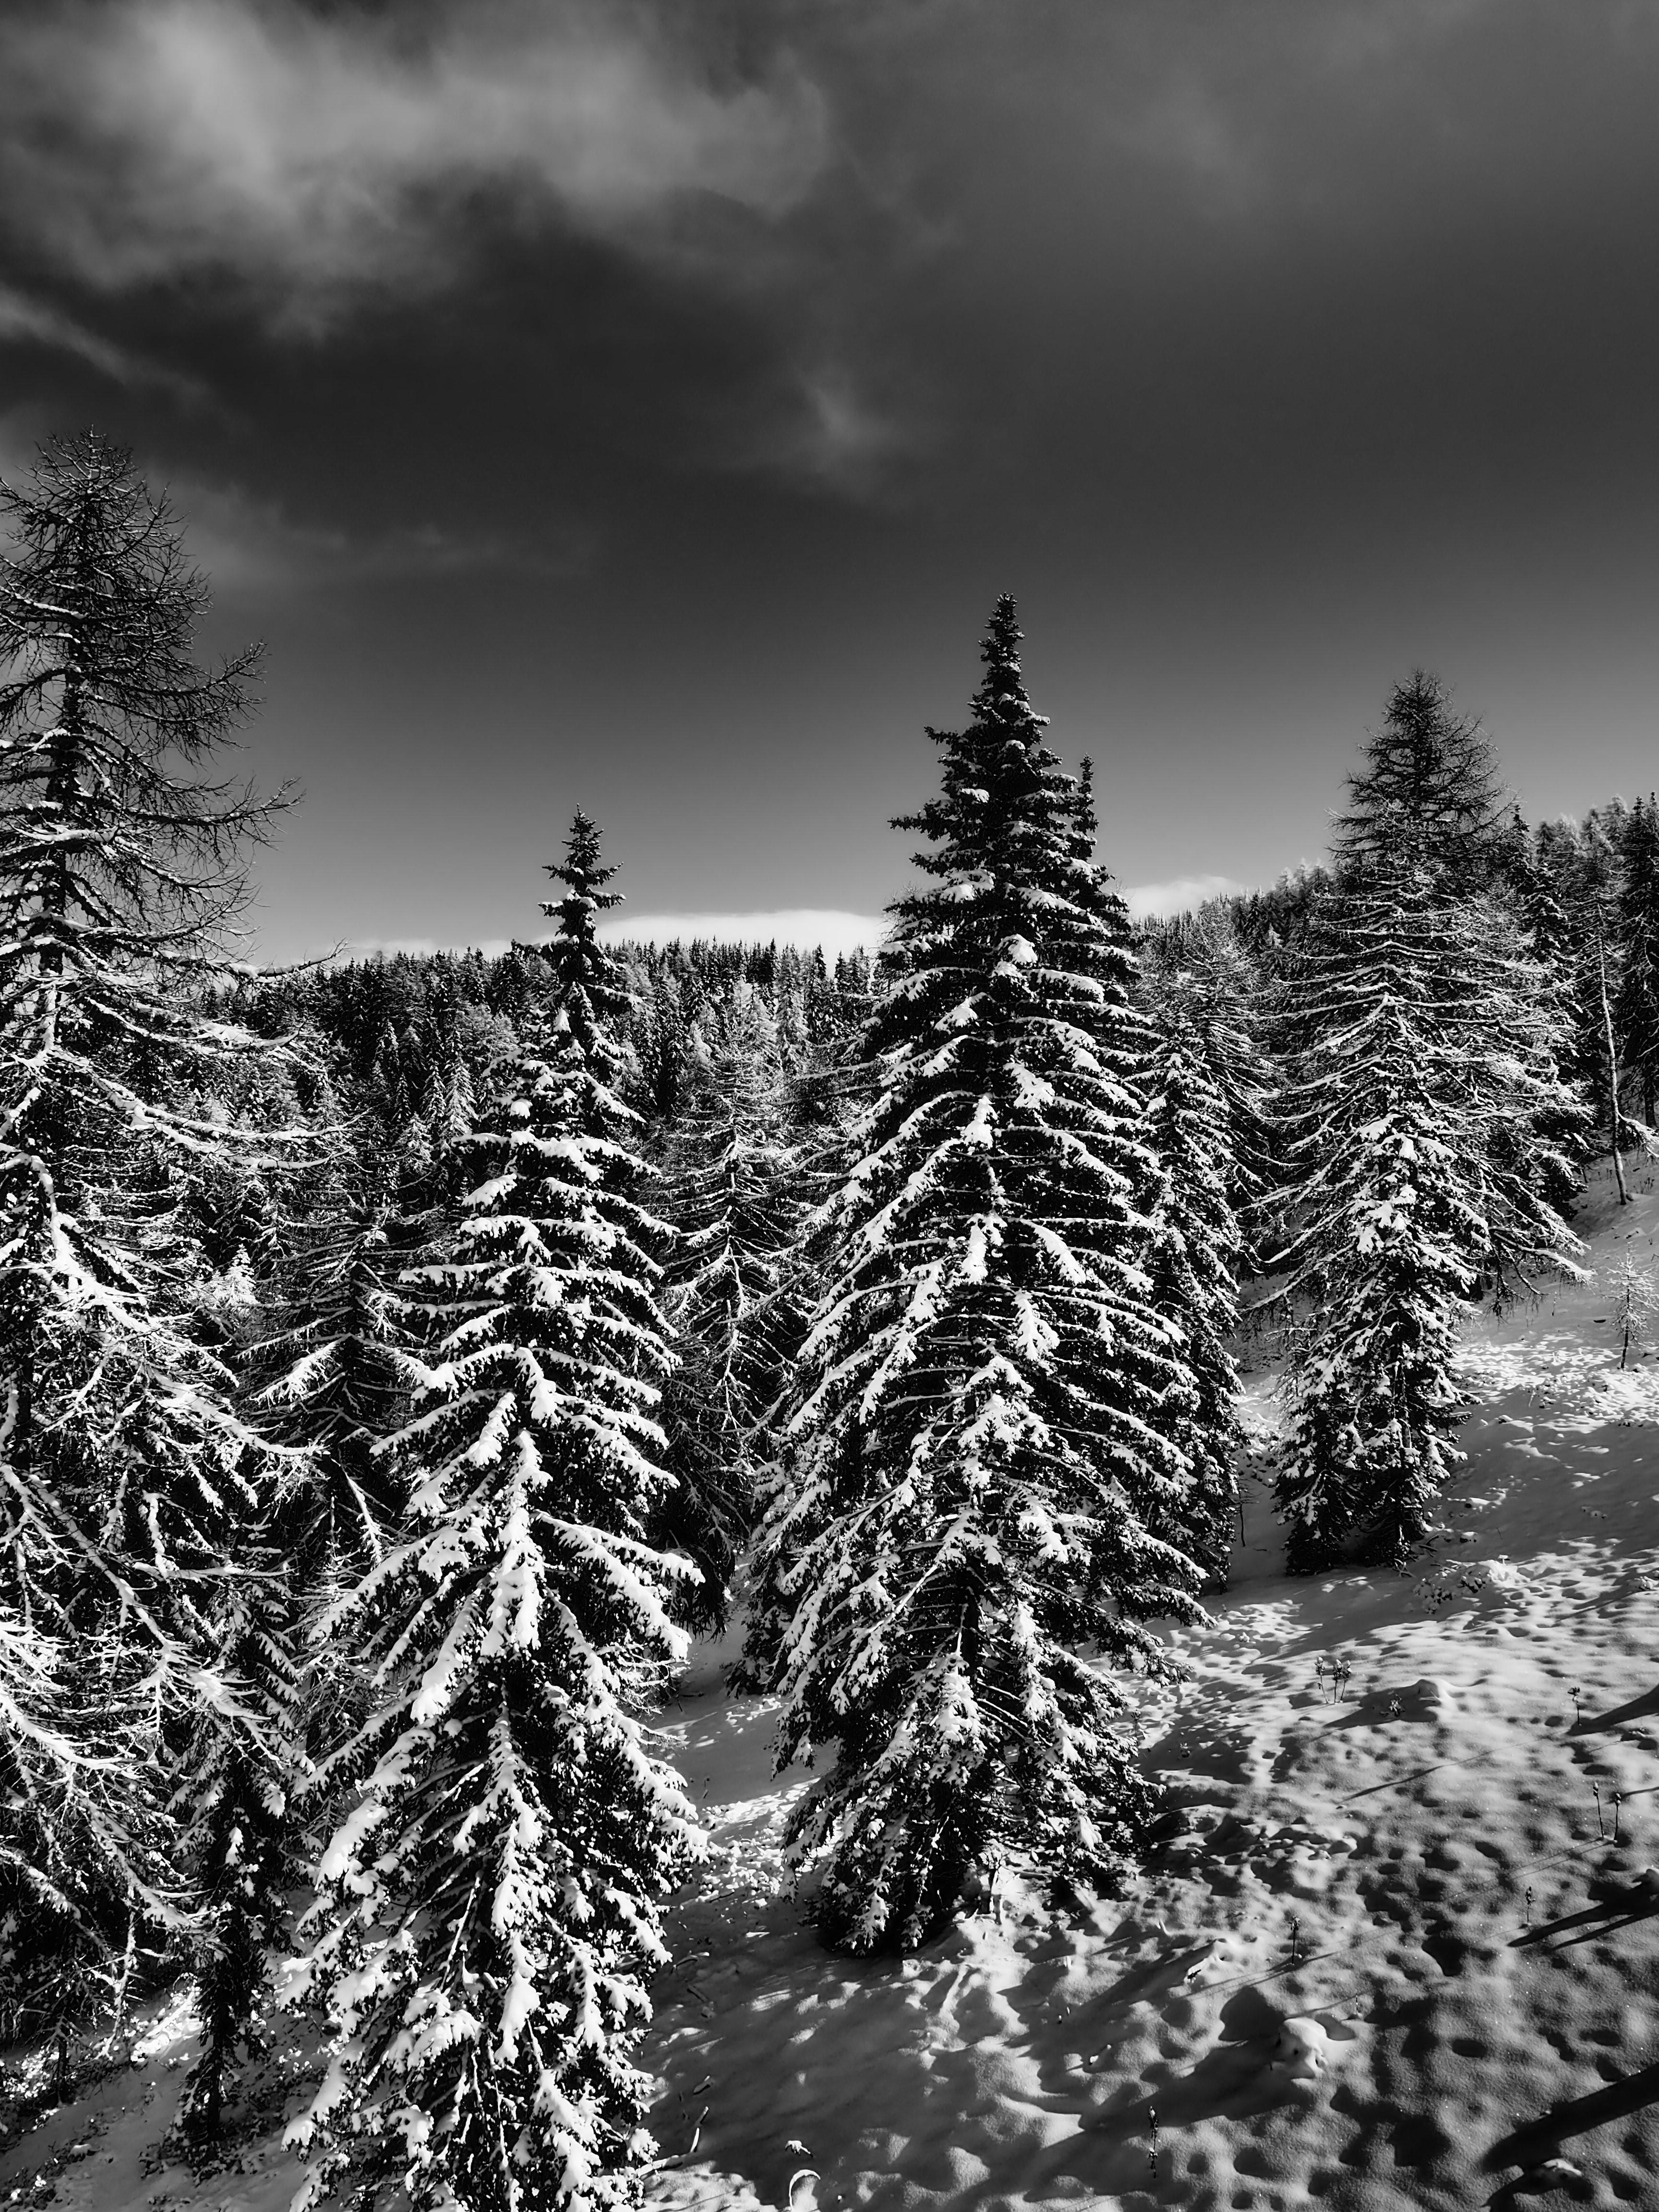 миномета глубокой черно белые фотографии зимы артиста